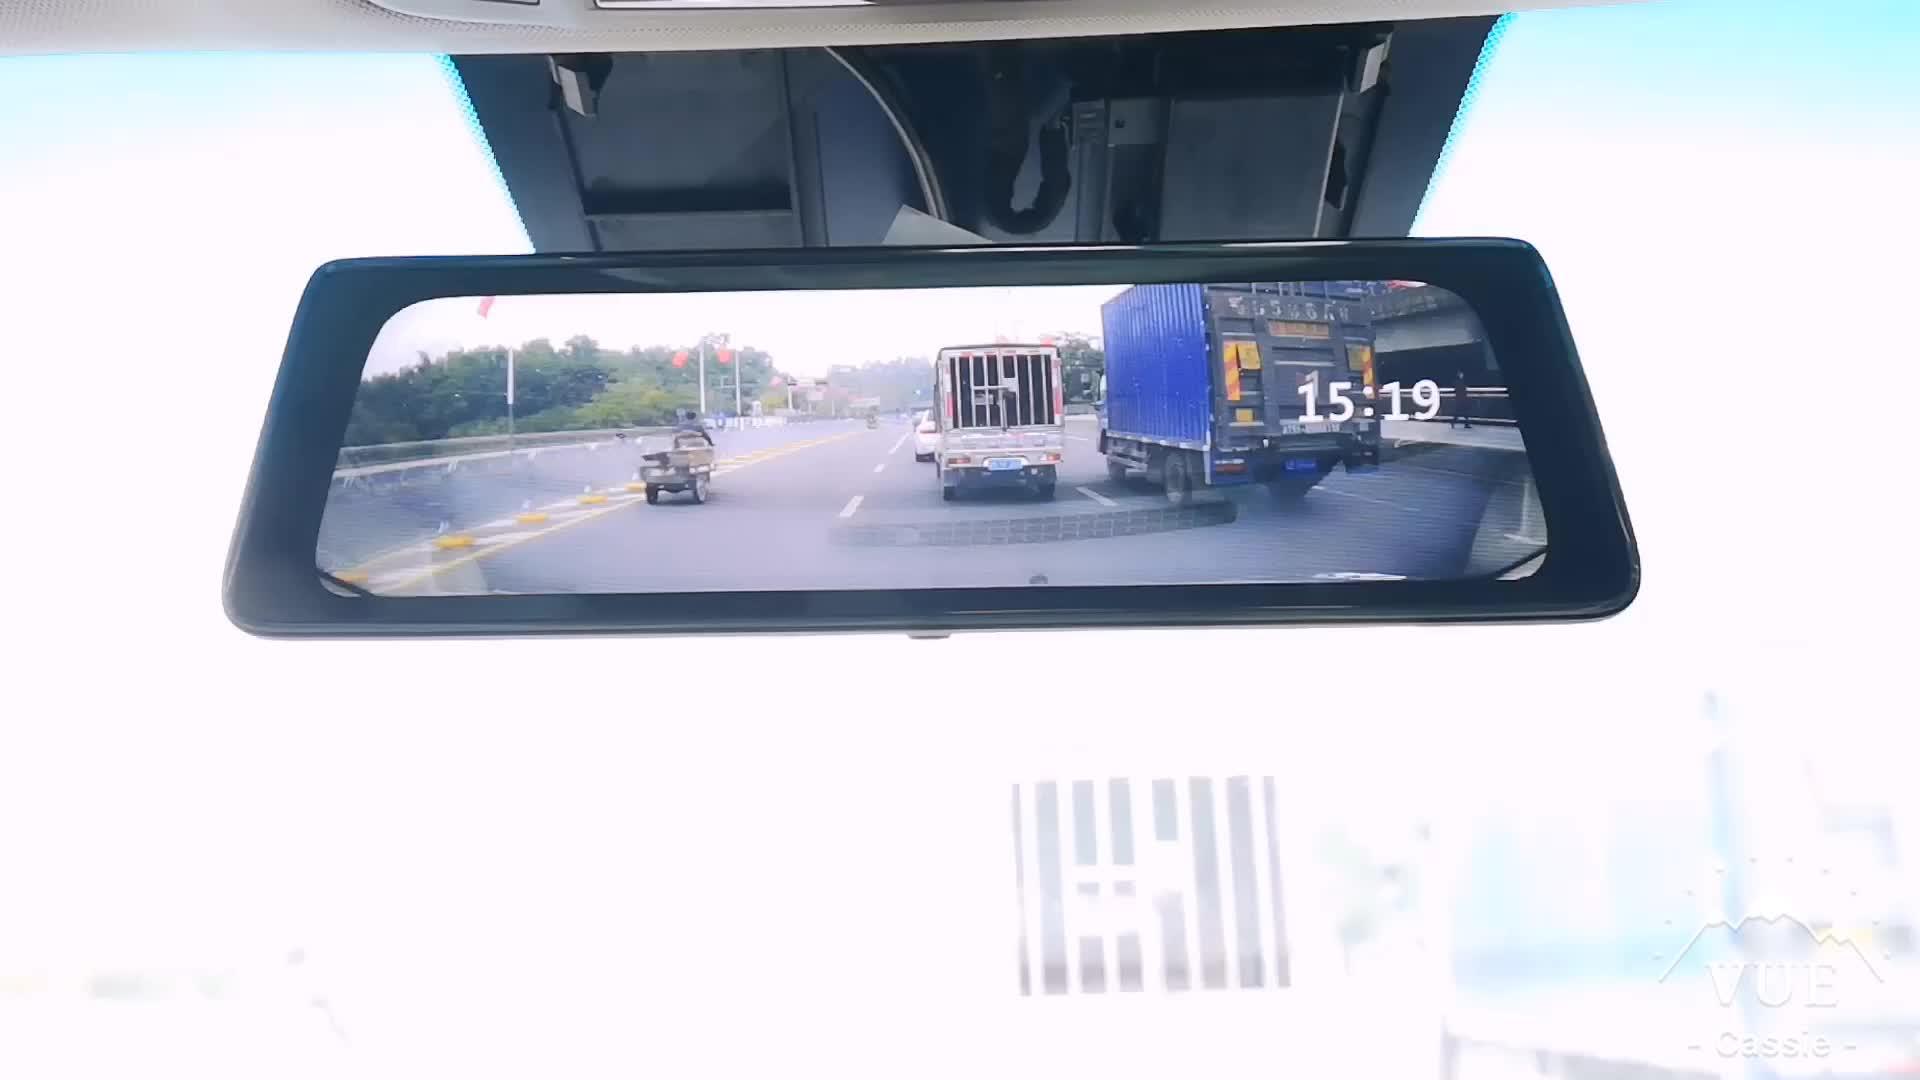 2 カメラダッシュカムナイトビジョン赤外線ユーザーマニュアル fhd フル hd 1080 p ビデオレコーダー dvr 車のミラーカメラ熱イマジン